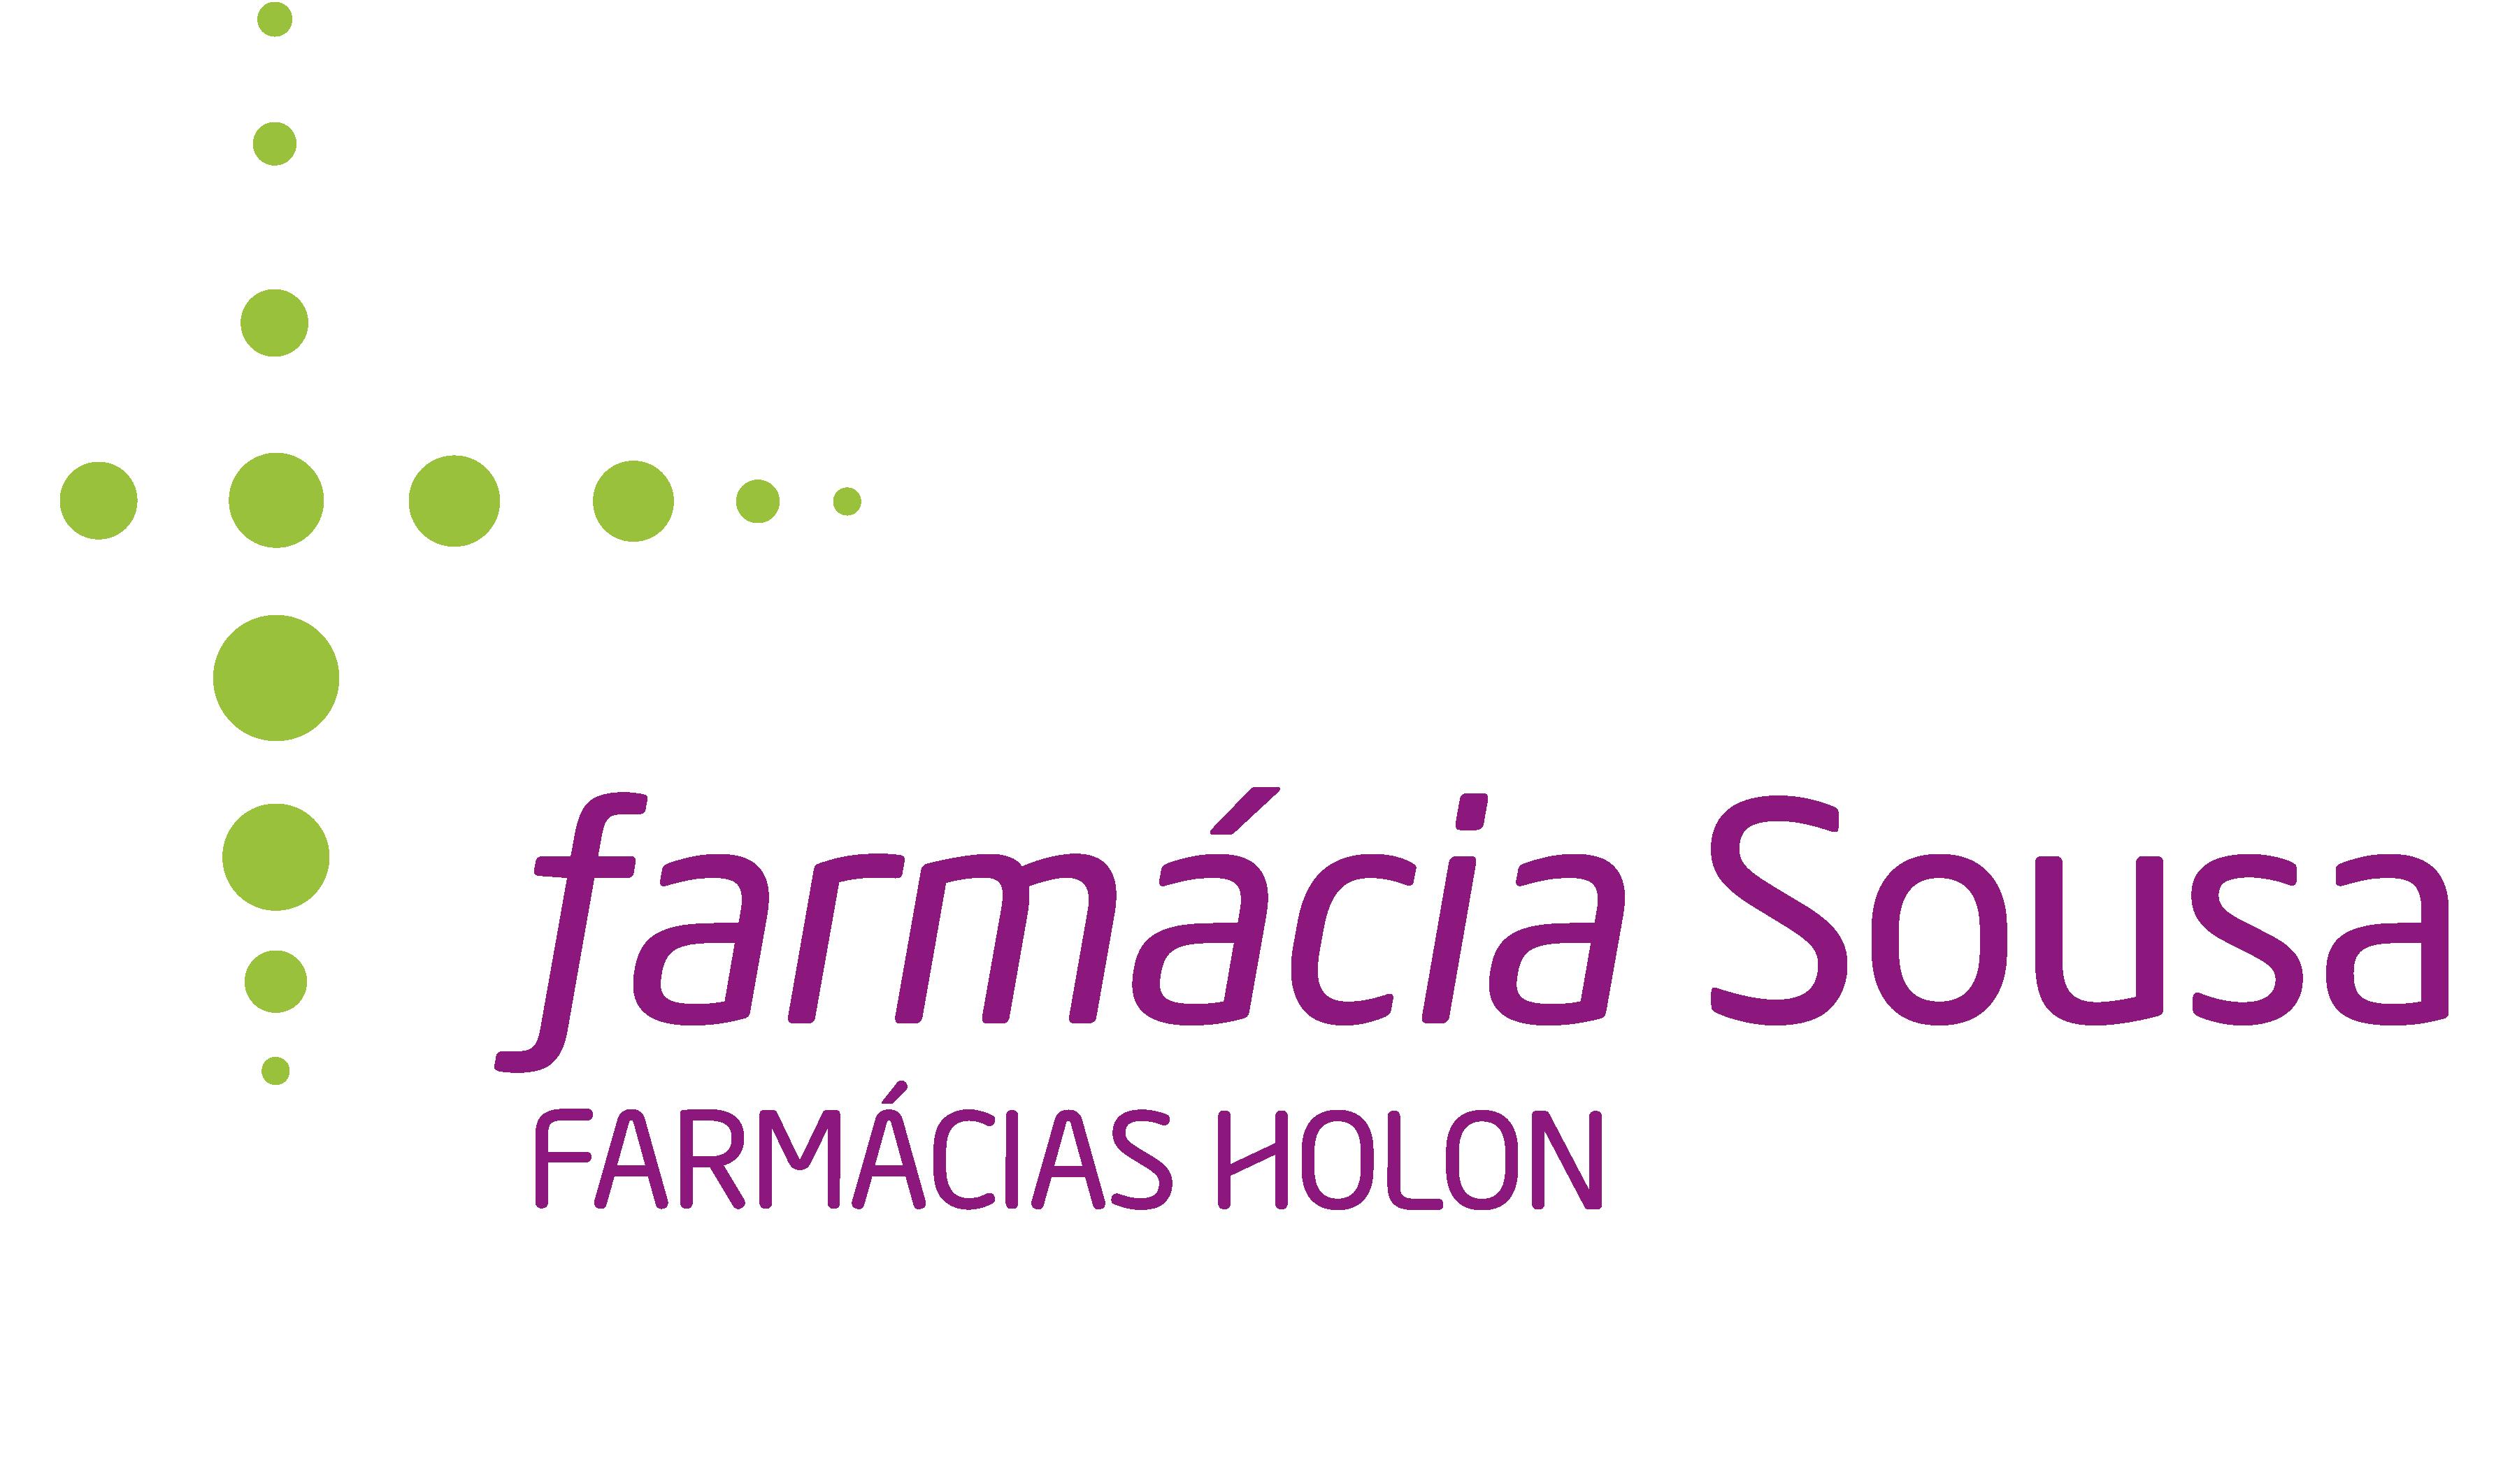 04-farmacia-sousa.png